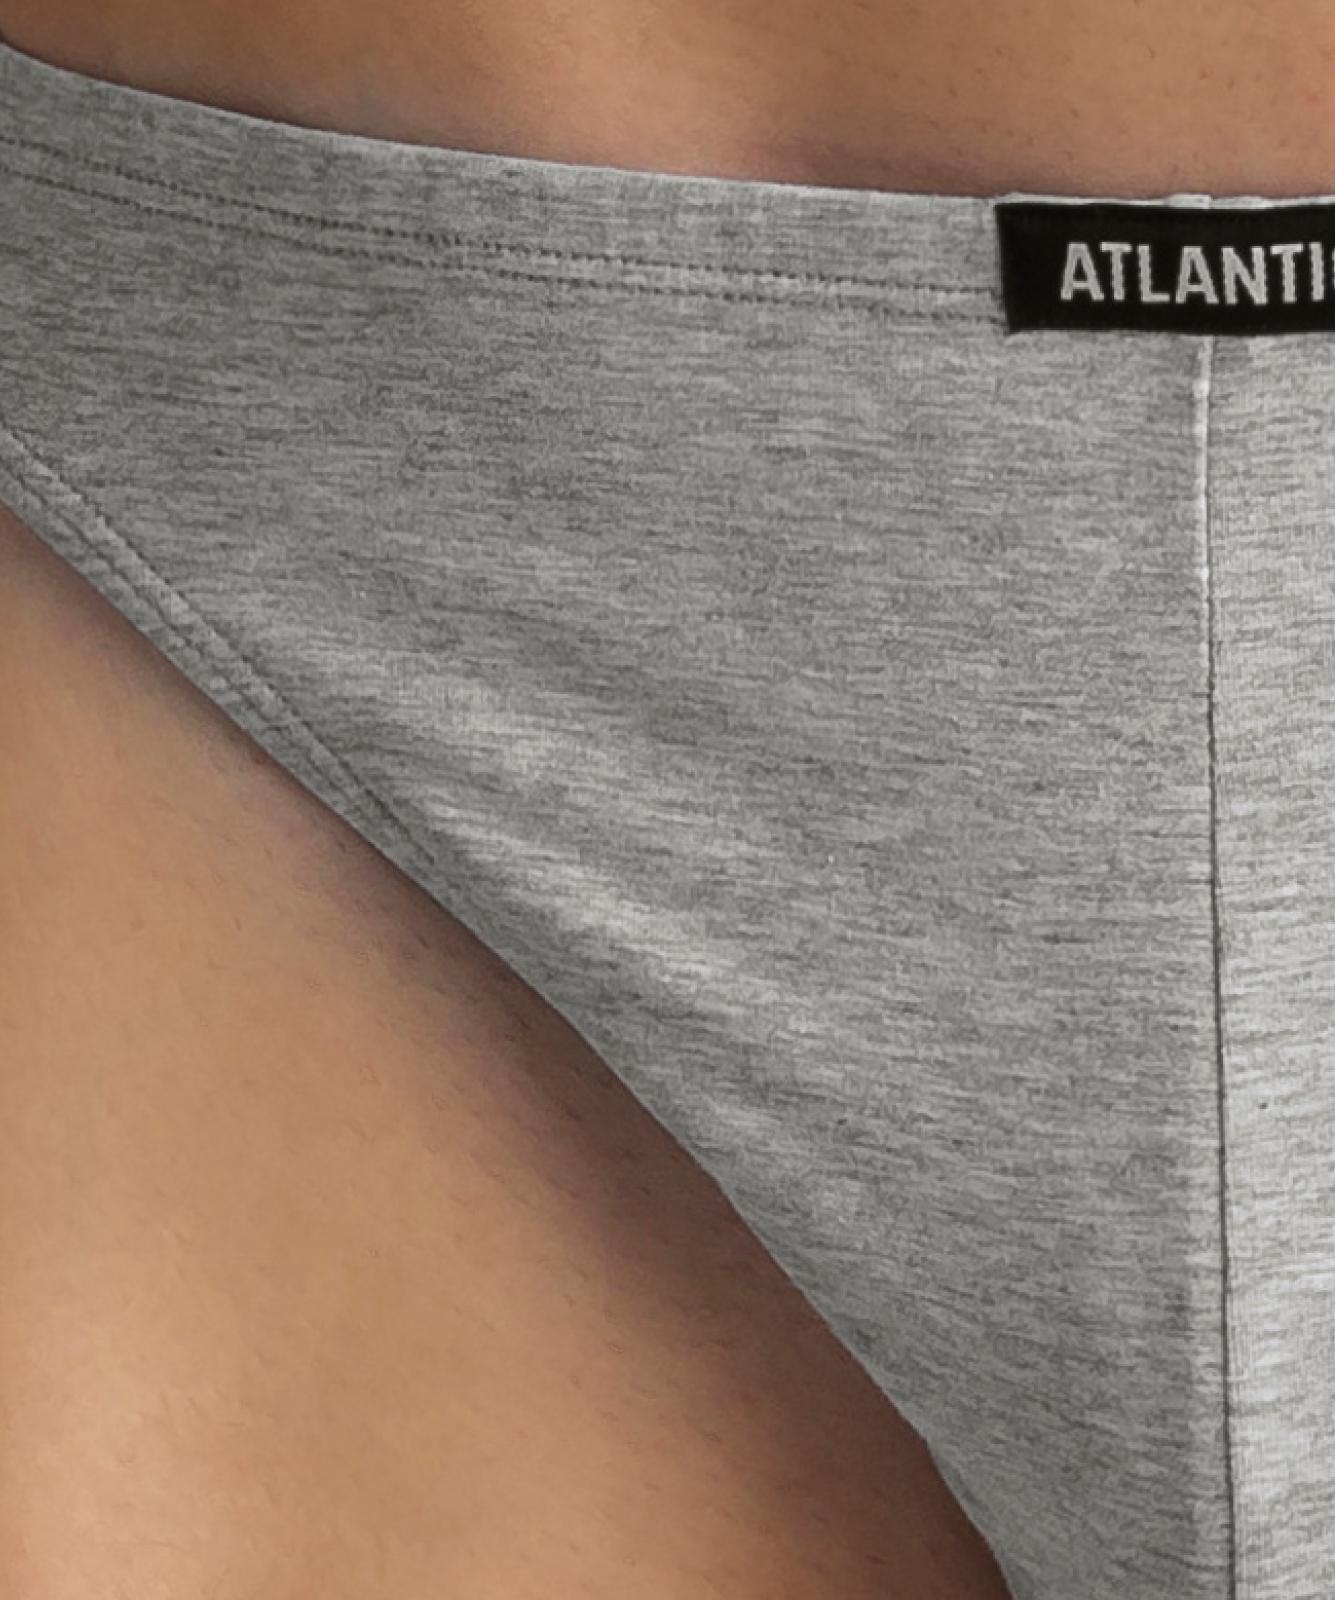 Мужские трусы слипы мини Atlantic, набор 3 шт., хлопок, черные + деним + серый меланж, 3SMP-002